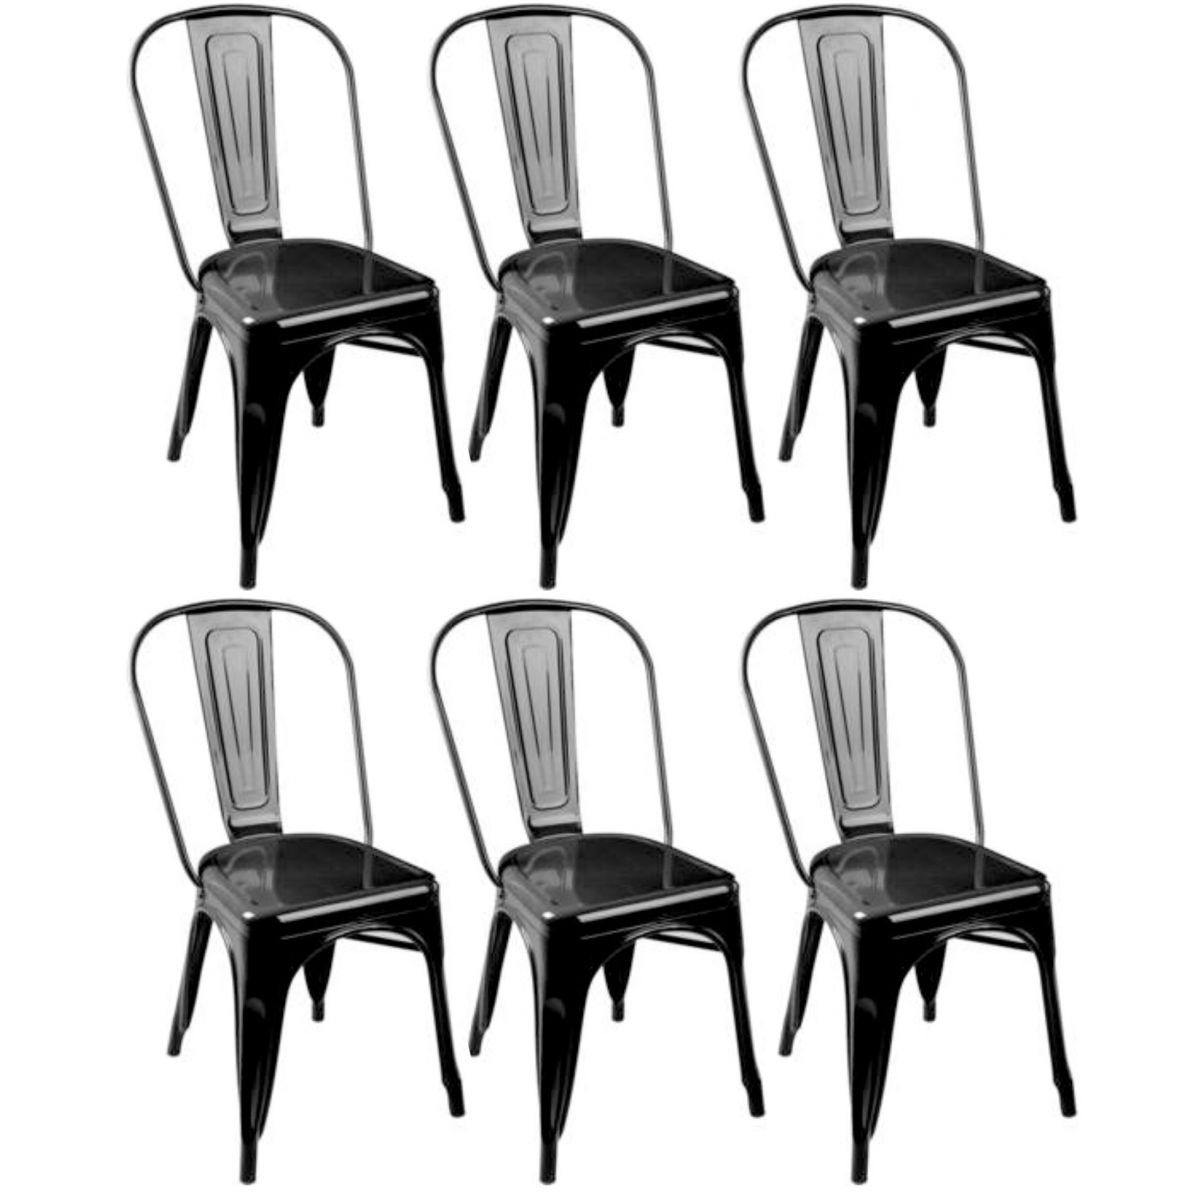 KIT 6 Cadeiras Design Tolix Metal Pelegrin PEL-1518 Cor Preta